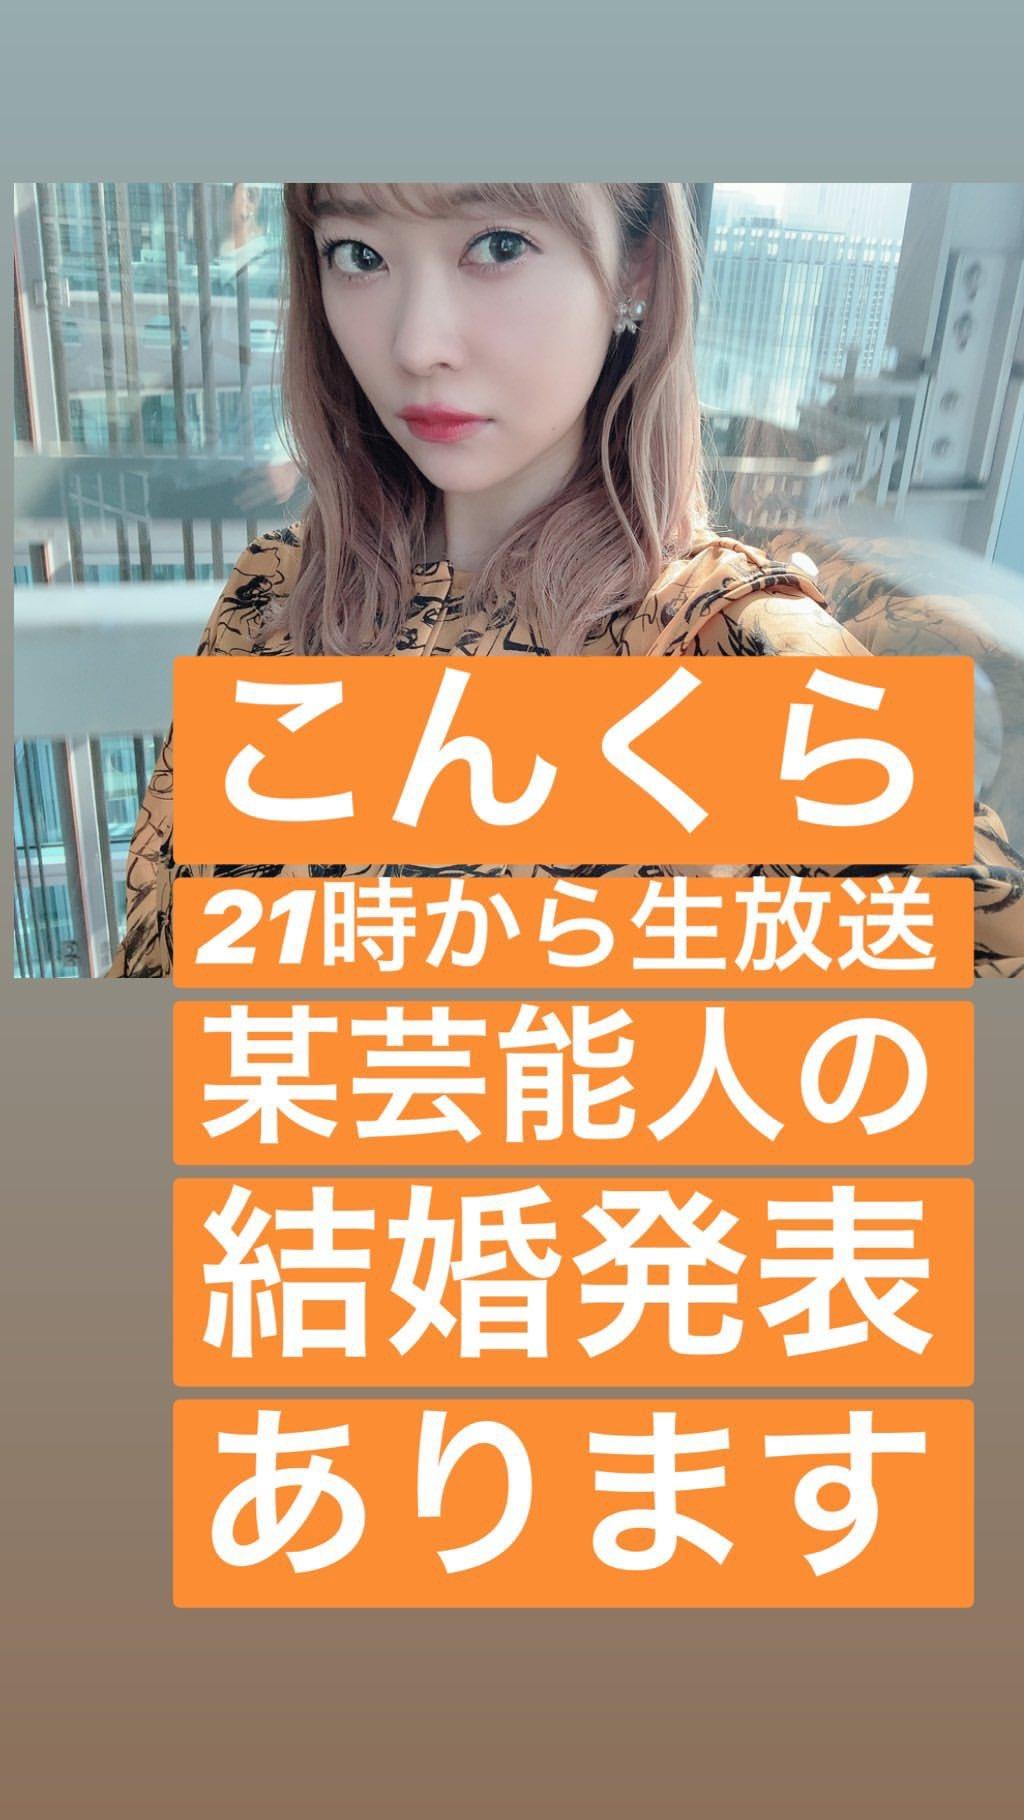 こん くら 結婚 【こんくら】平川美香の経歴とプロフ!年齢や大学は?結婚してる?